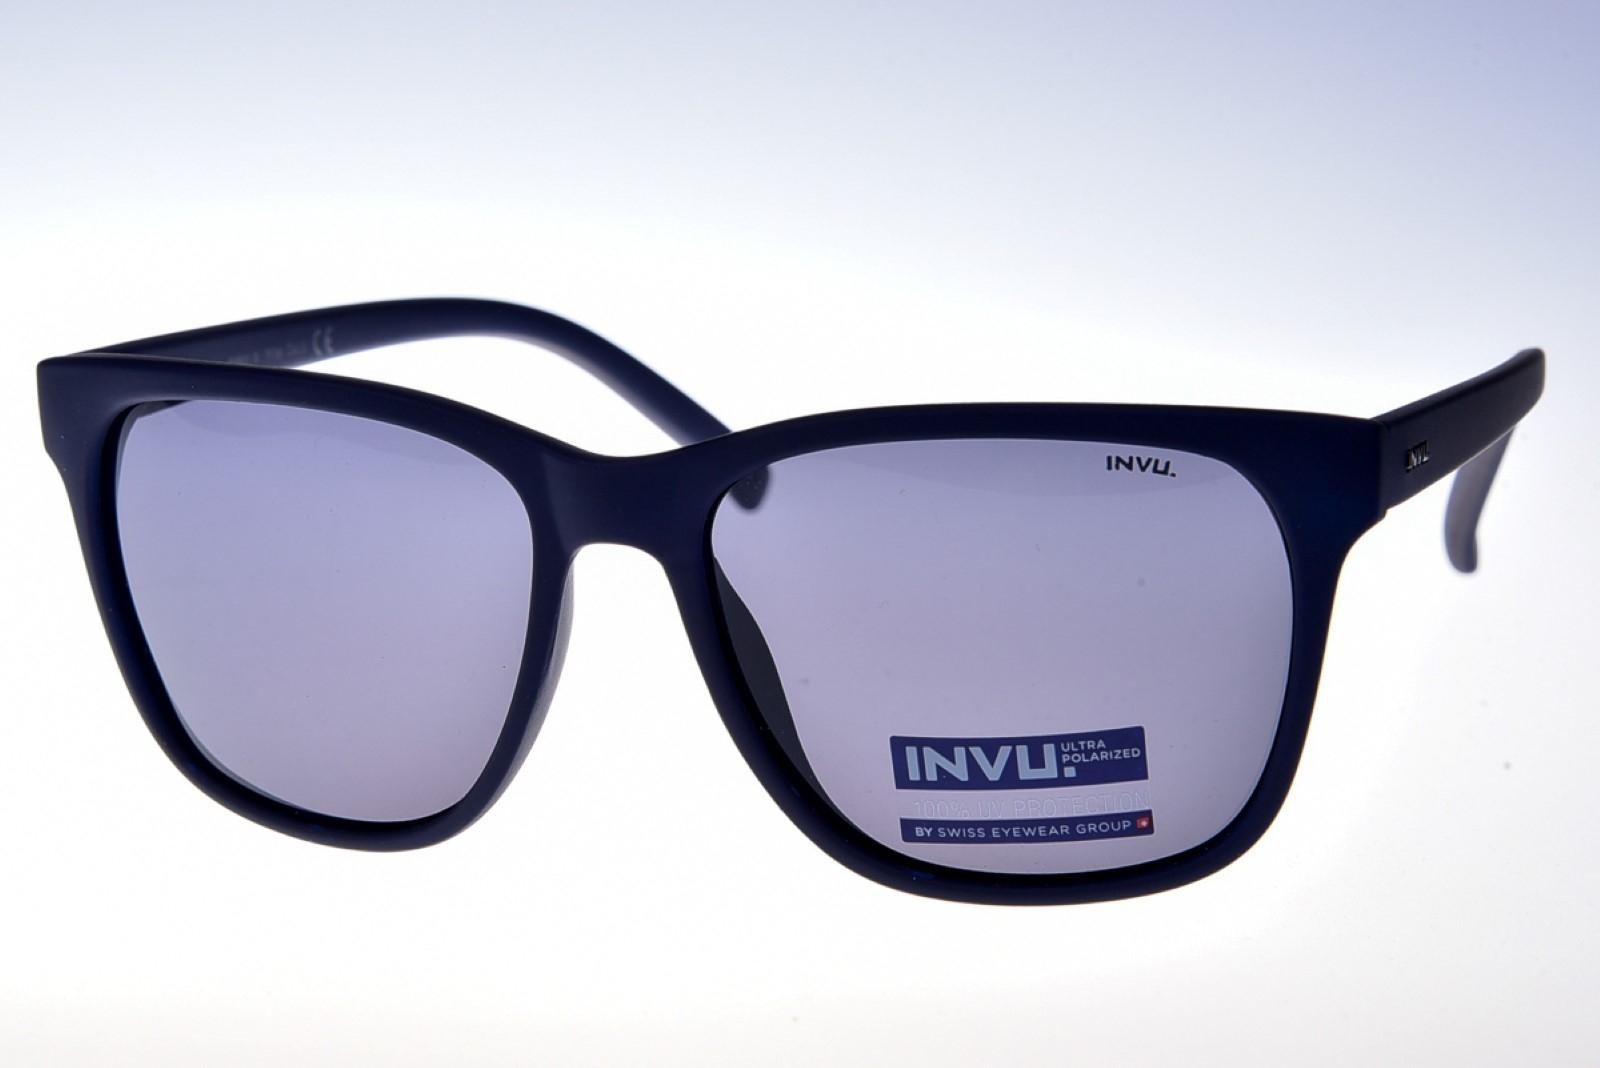 INVU. Classic B2831B - Pánske slnečné okuliare